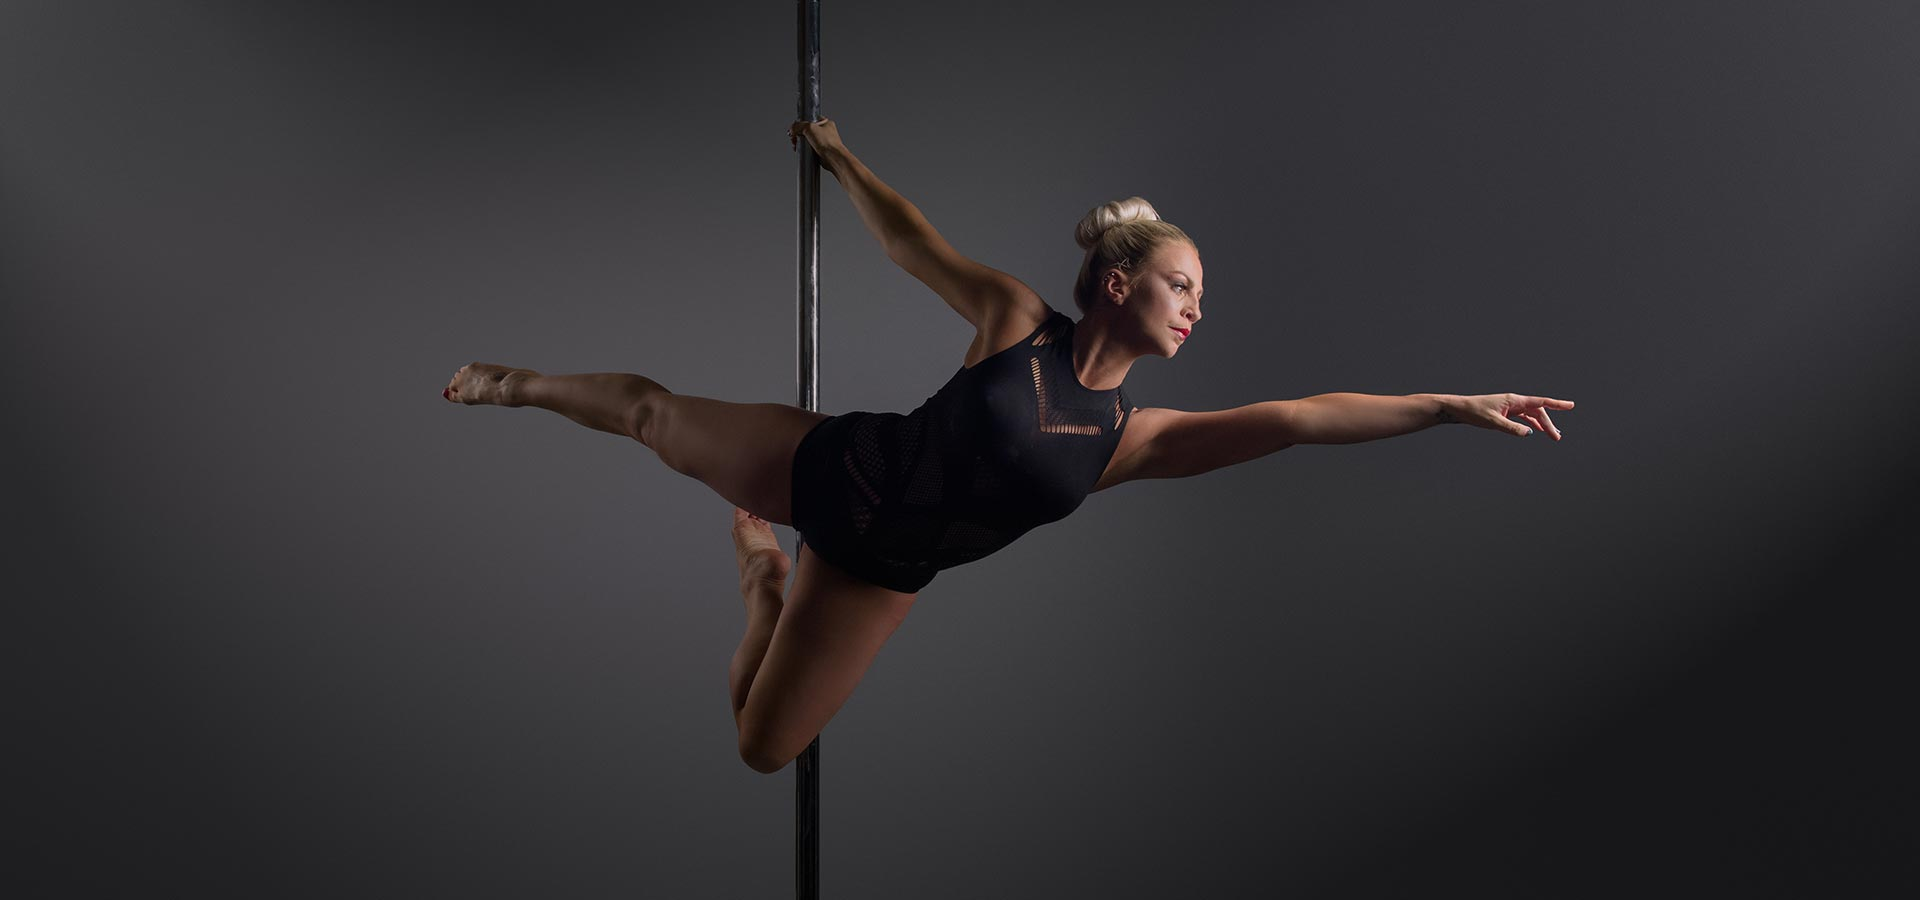 pole dance italia